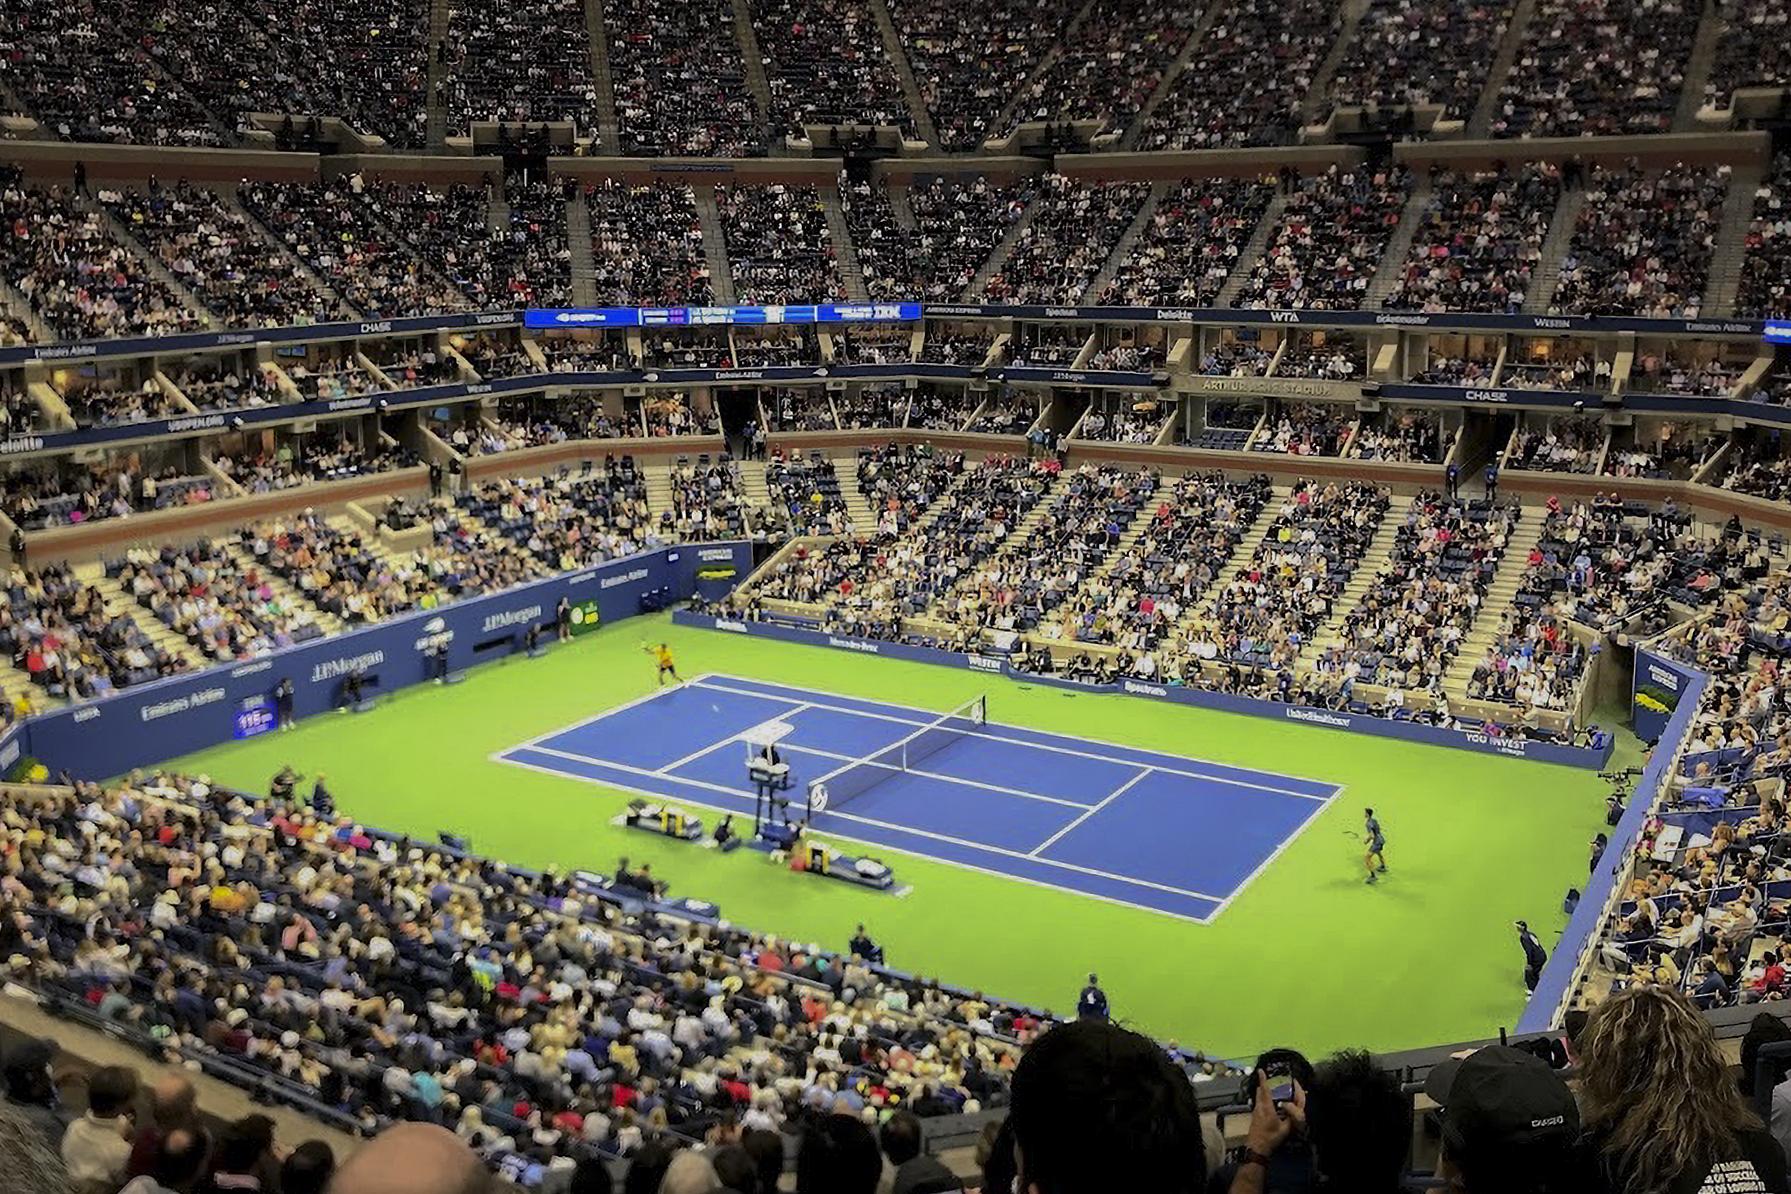 Men's Final between Novak Djokovic and Juan del Martín Potro in the U.S. Open at Arthur Ashe Stadium in Queens. Sunday, Sept. 9 2018.